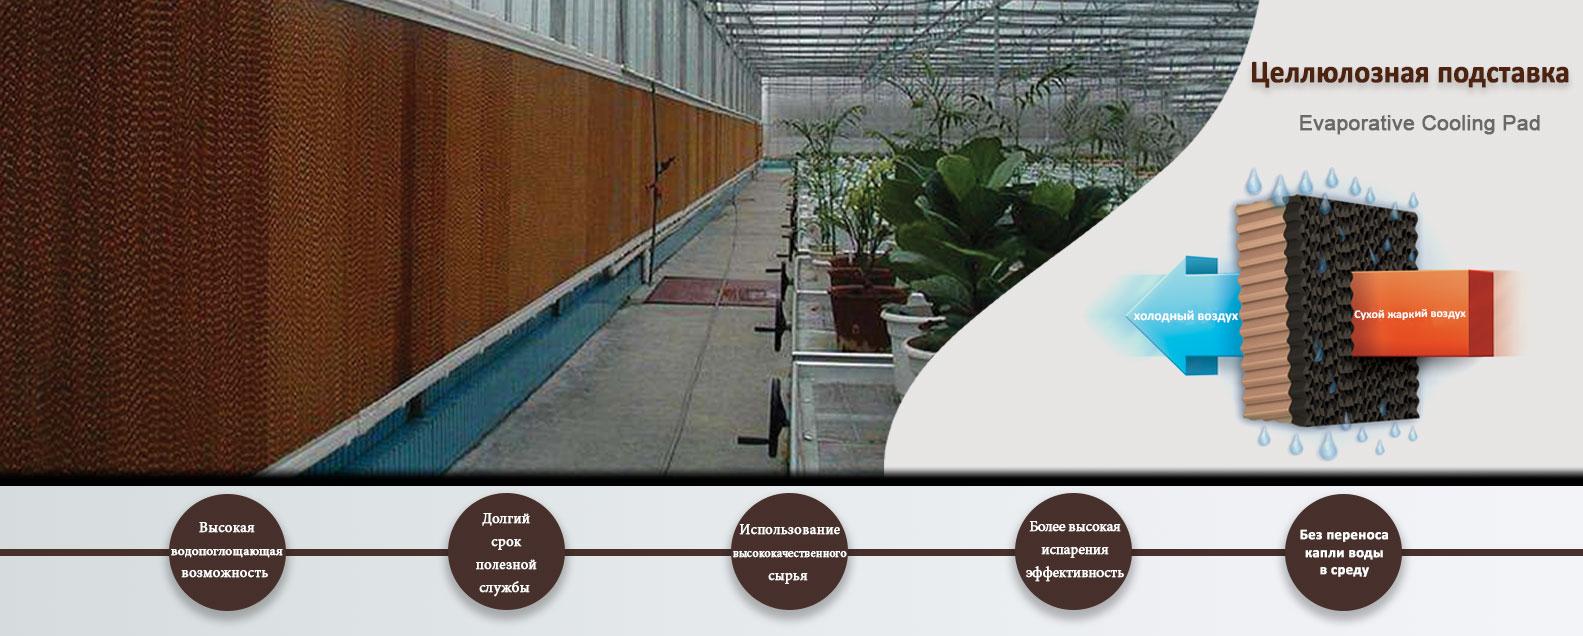 Целлюлозная подставка (cellulose pad ) 15 см 5090